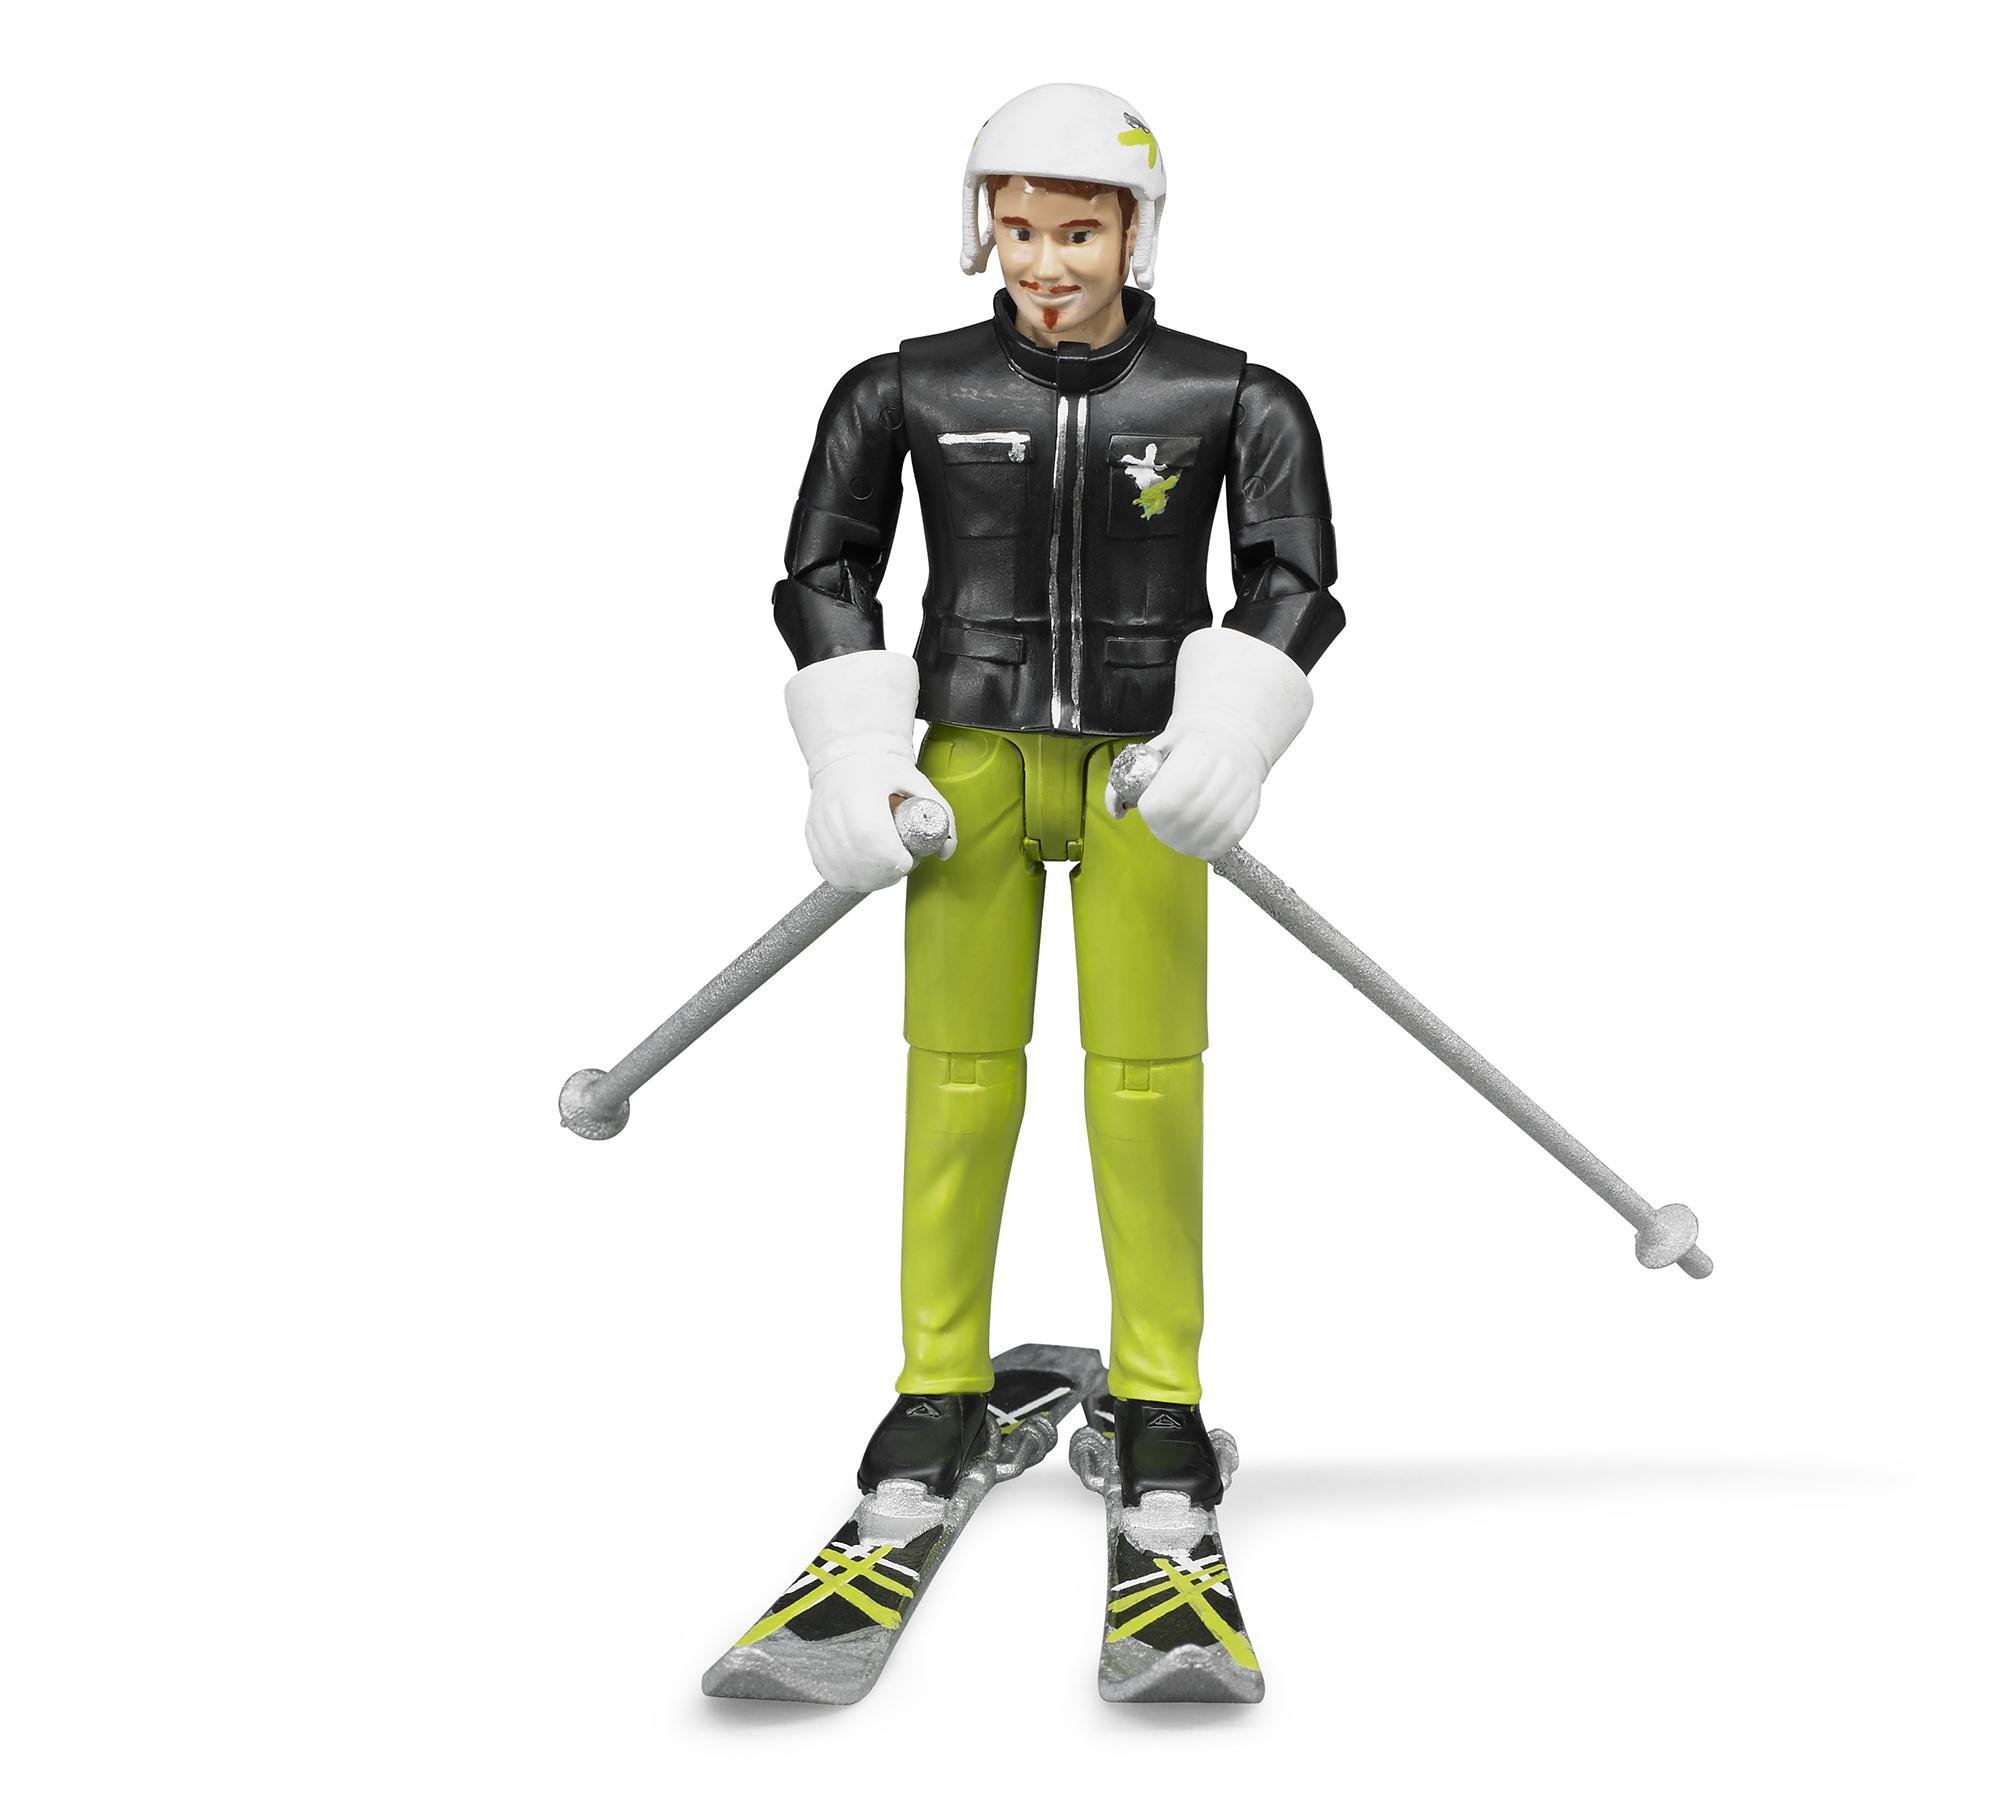 Bruder. Фигурка лыжника с аксессуарамиАксессуары<br>Bruder. Фигурка лыжника с аксессуарами<br>